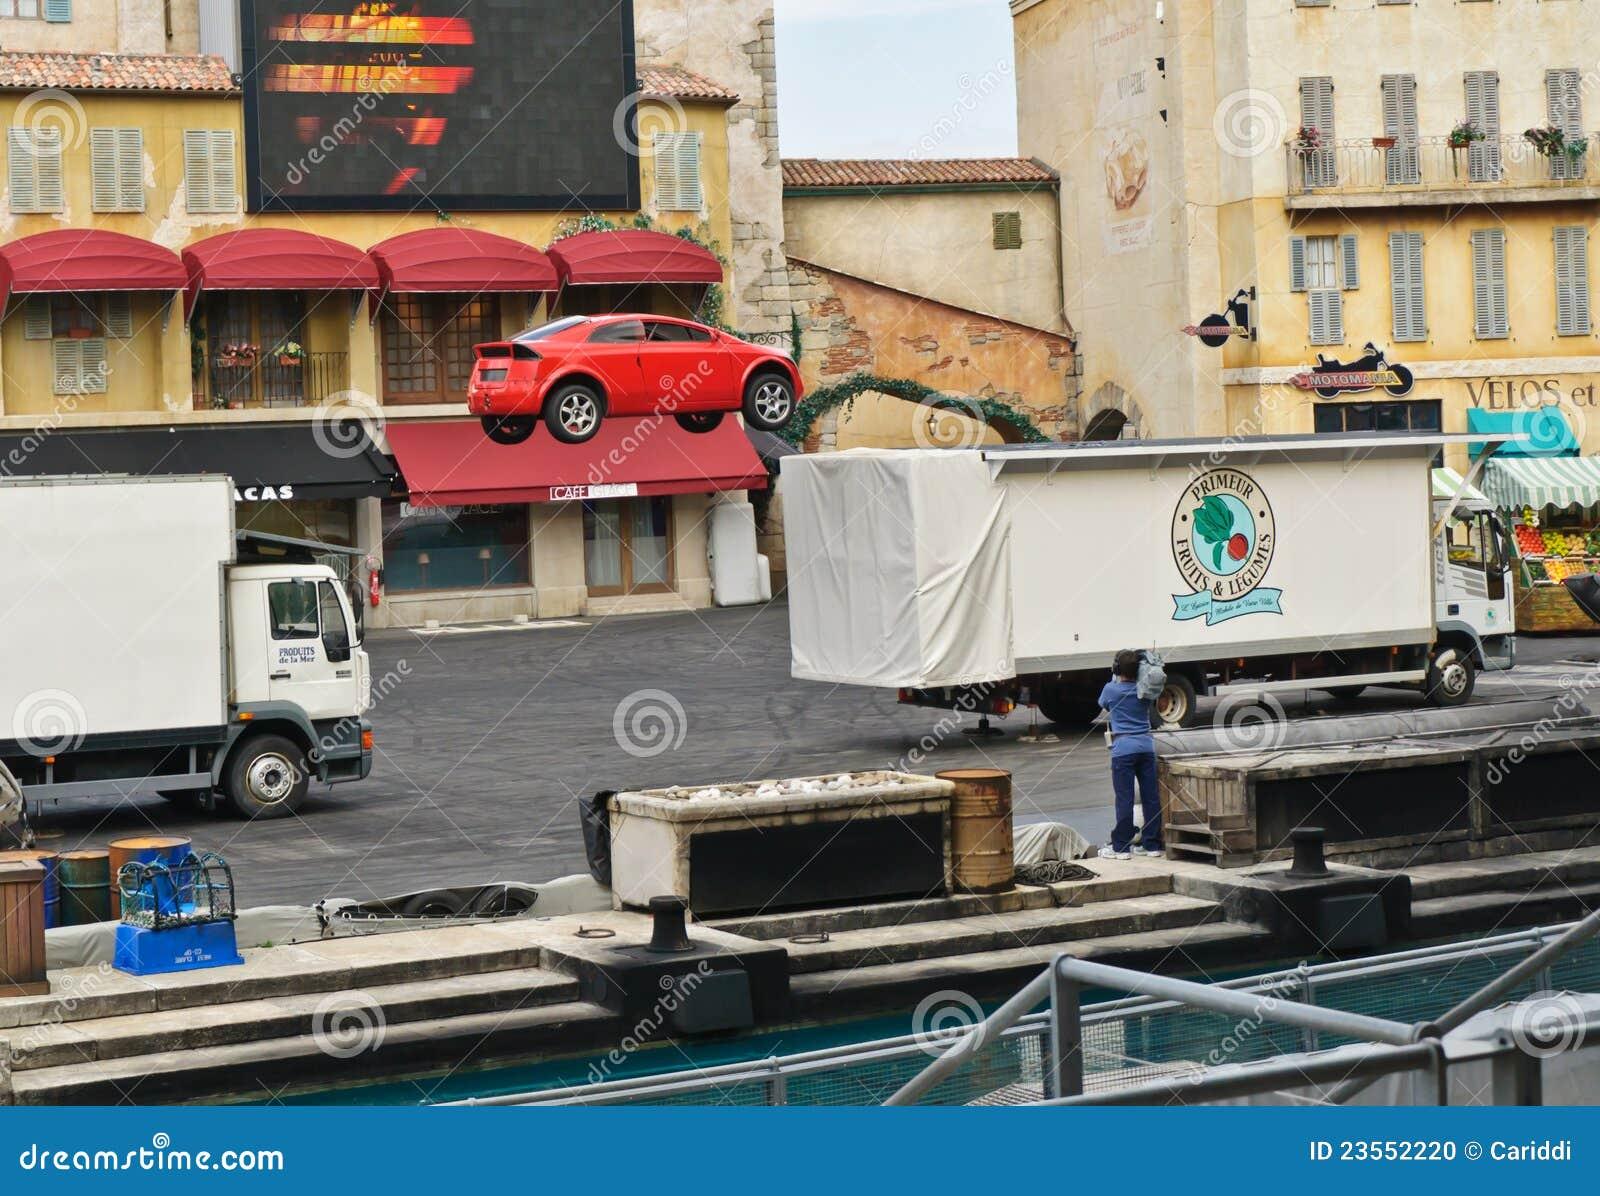 Estudios de París - de Disney, salto del coche del truco